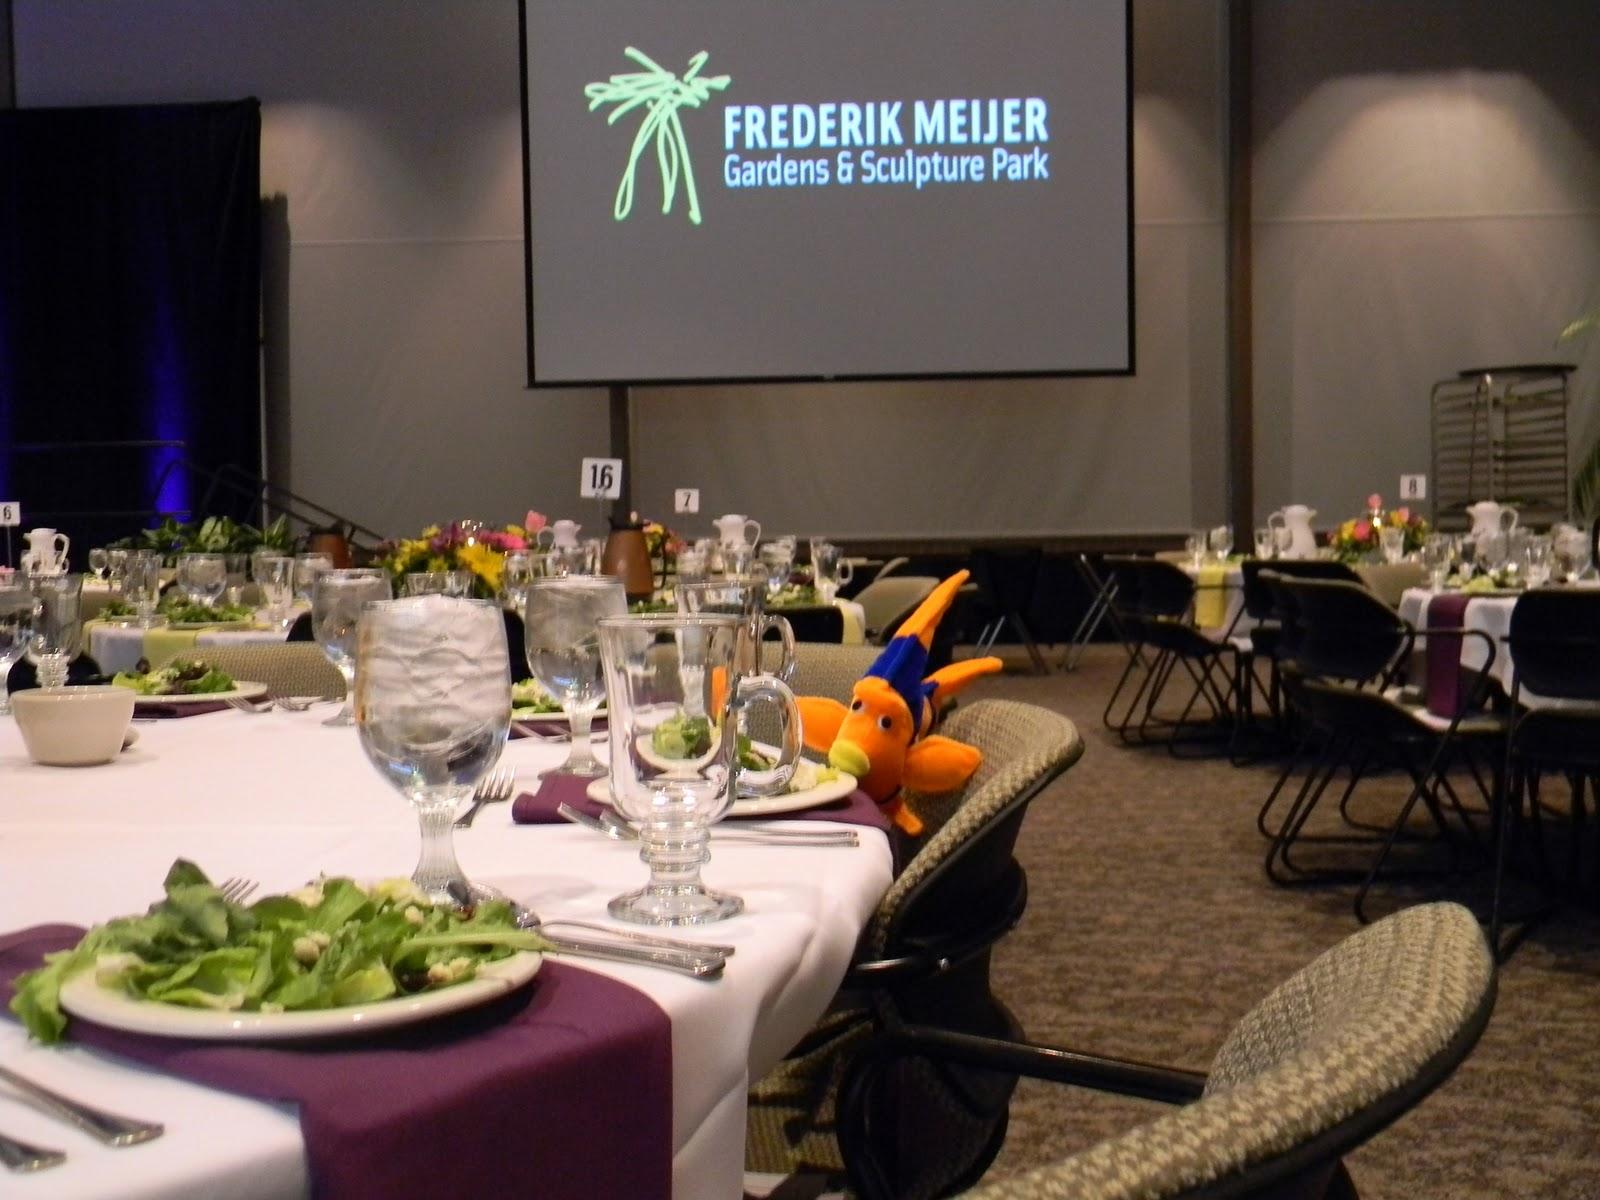 Meetings Michigan Blog: Michie Experiences The Frederik Meijer ...